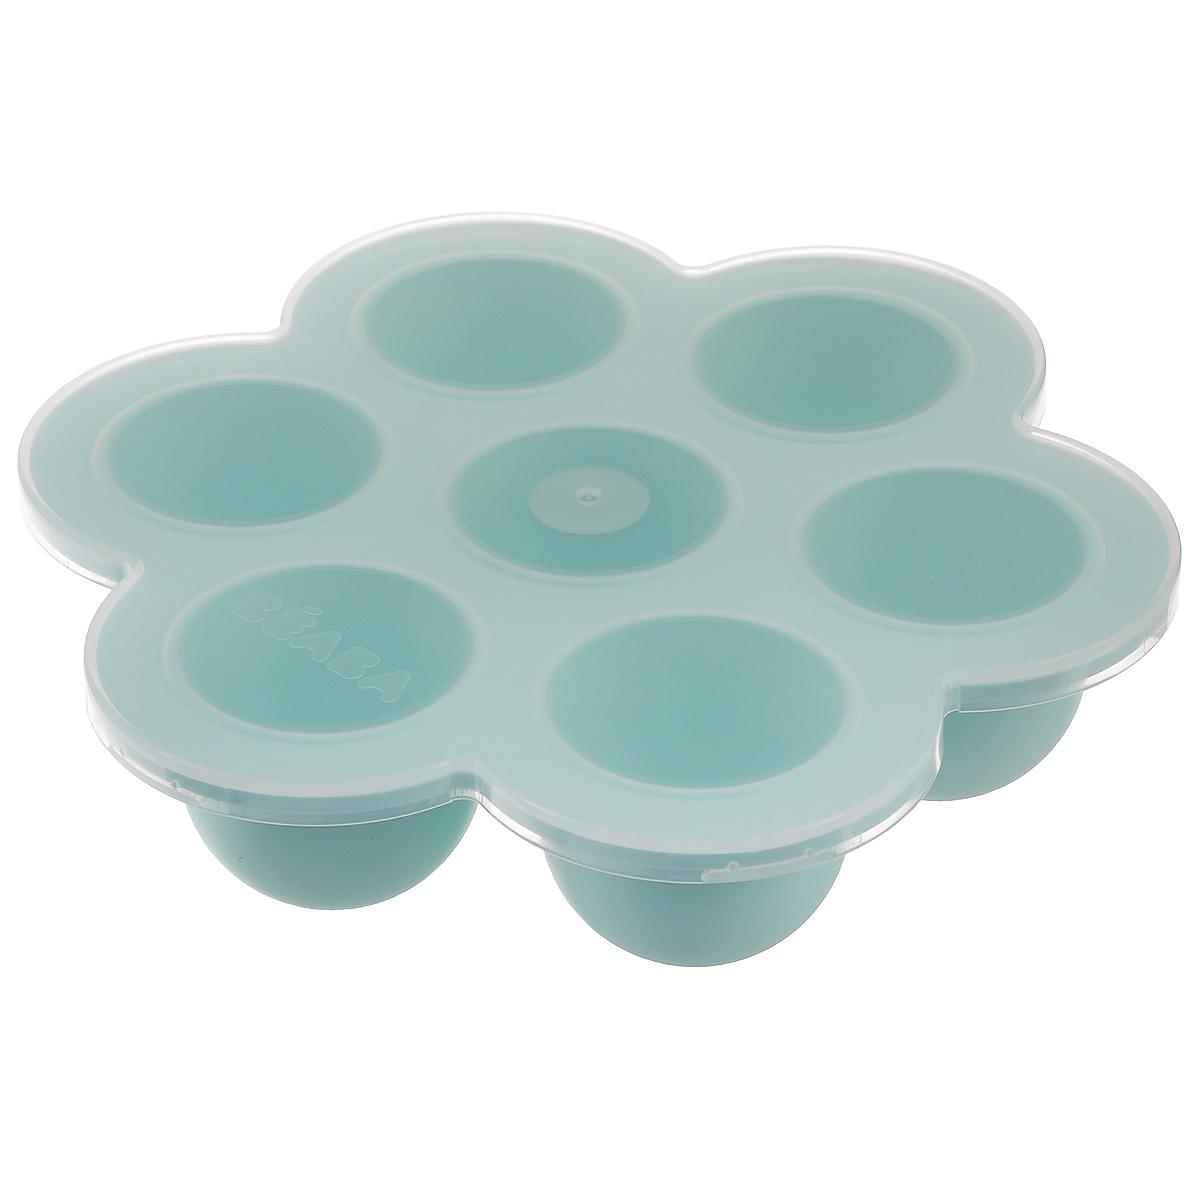 Многопорционный контейнер Beaba, 7 ячеек, 420 мл912426Многопорционный контейнер Beaba выполнен из высококачественного пищевого силикона. Содержит 7 круглых ячеек для хранения и заморозки детской пищи. Прозрачная крышка плотно закрывает ячейки, сохраняя аромат и вкус. Мягкие стенки позволяют легко перекладывать пищу. Контейнер подходит для мытья в посудомоечной машине. Можно использовать для заморозки пищи в холодильнике и морозильной камере, для разогрева в микроволновой печи и духовке (без крышки). Объем ячейки: 60 мл. Диаметр ячейки: 5 см. Высота ячейки: 5 см. Общий объем контейнера: 420 мл. Размер контейнера: 21 см х 19 см.